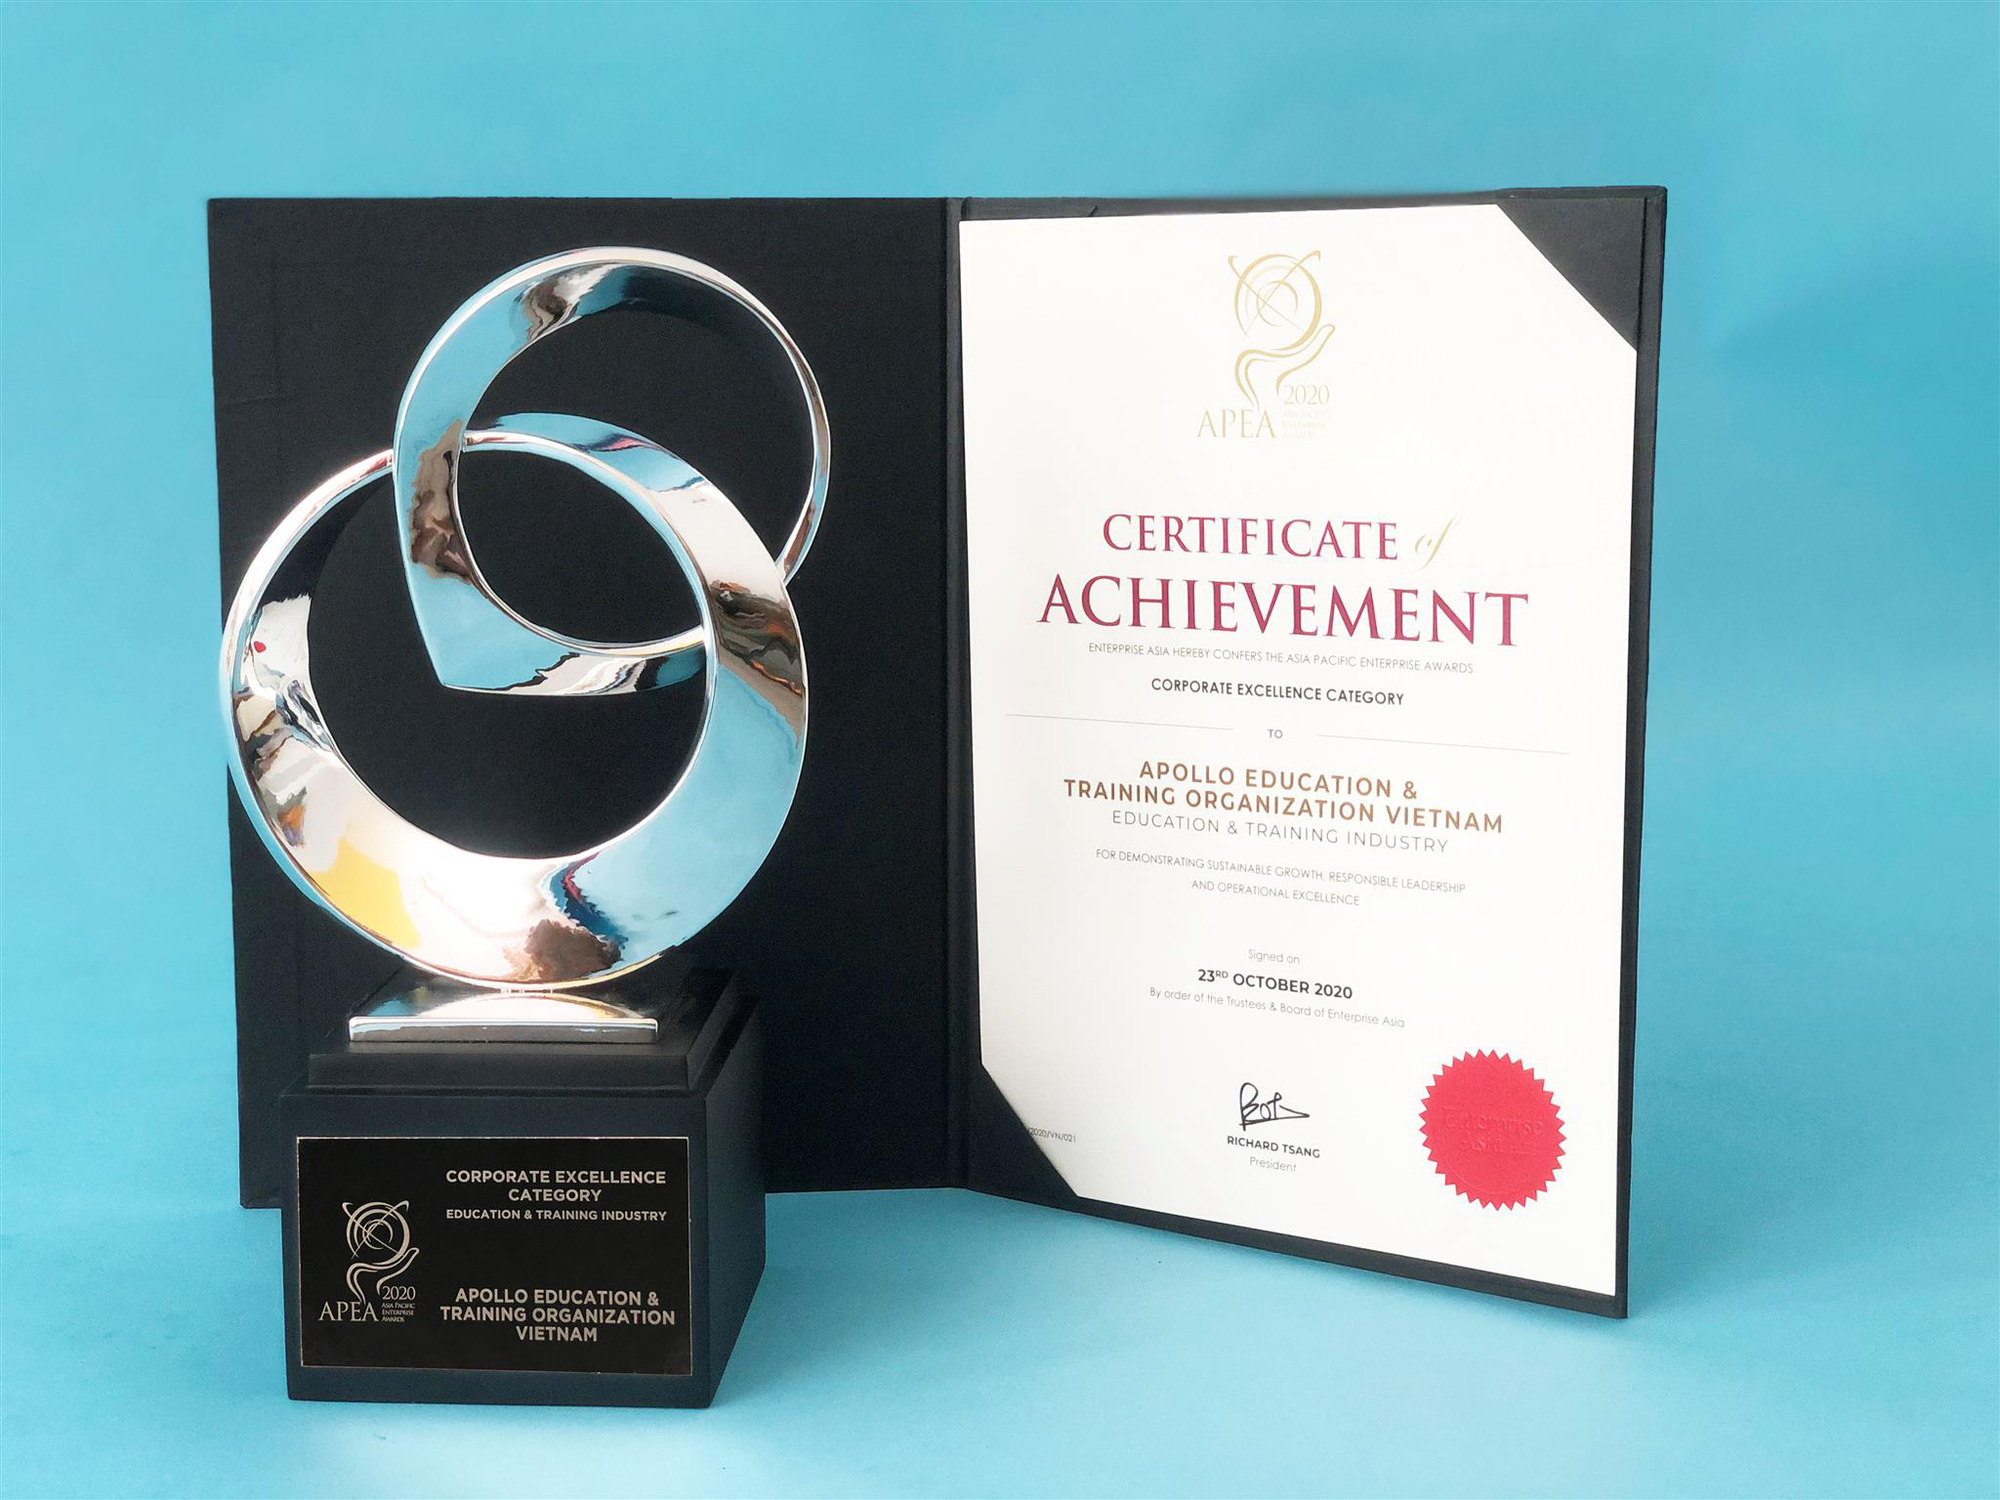 Apollo English thắng giải doanh nghiệp xuất sắc châu Á Thái Bình Dương - APEA 2020 - Ảnh 1.